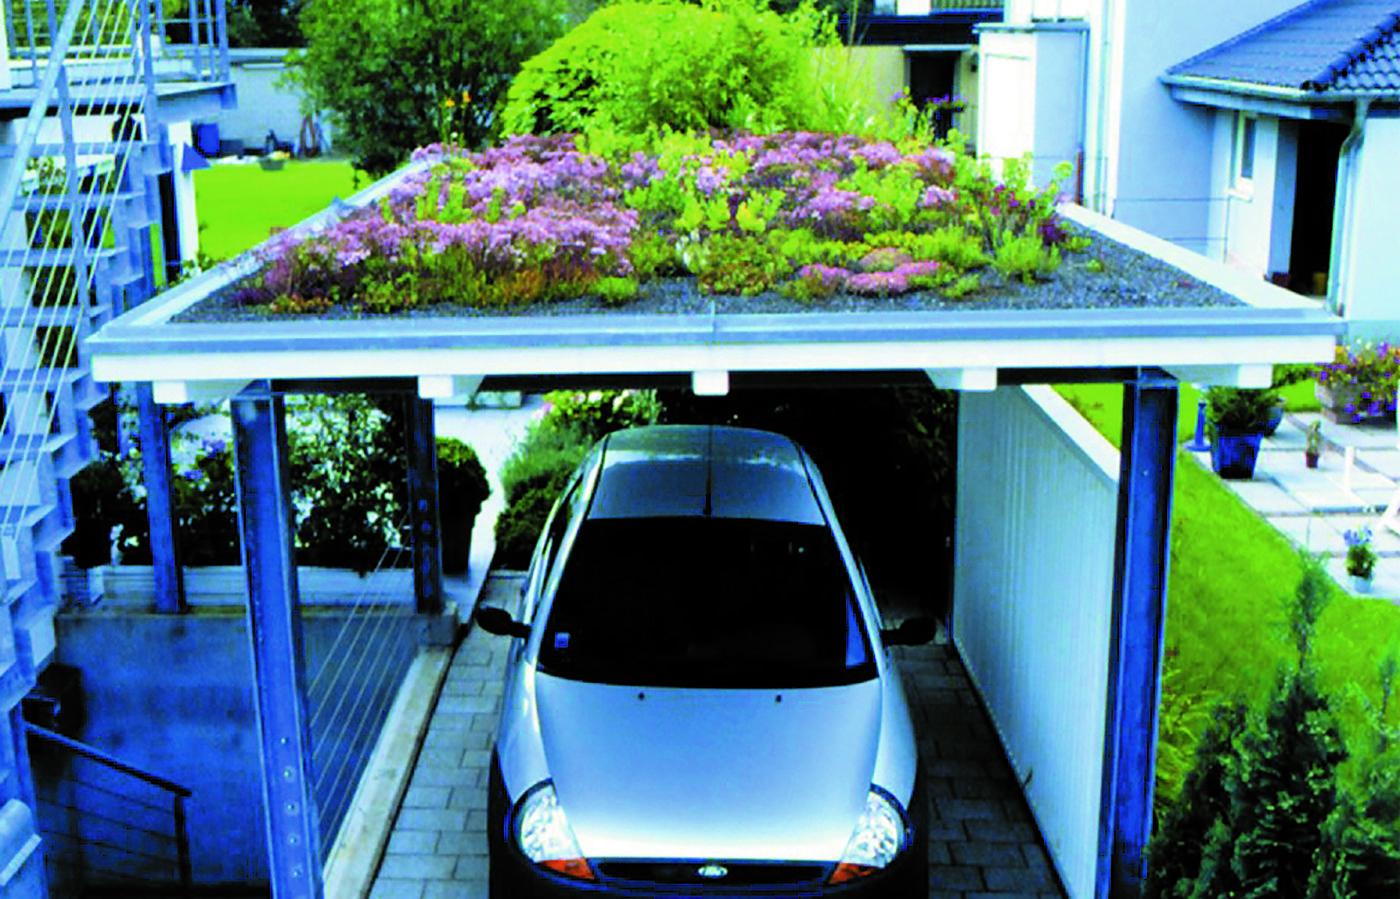 Bild 3 - Dachbegrünung